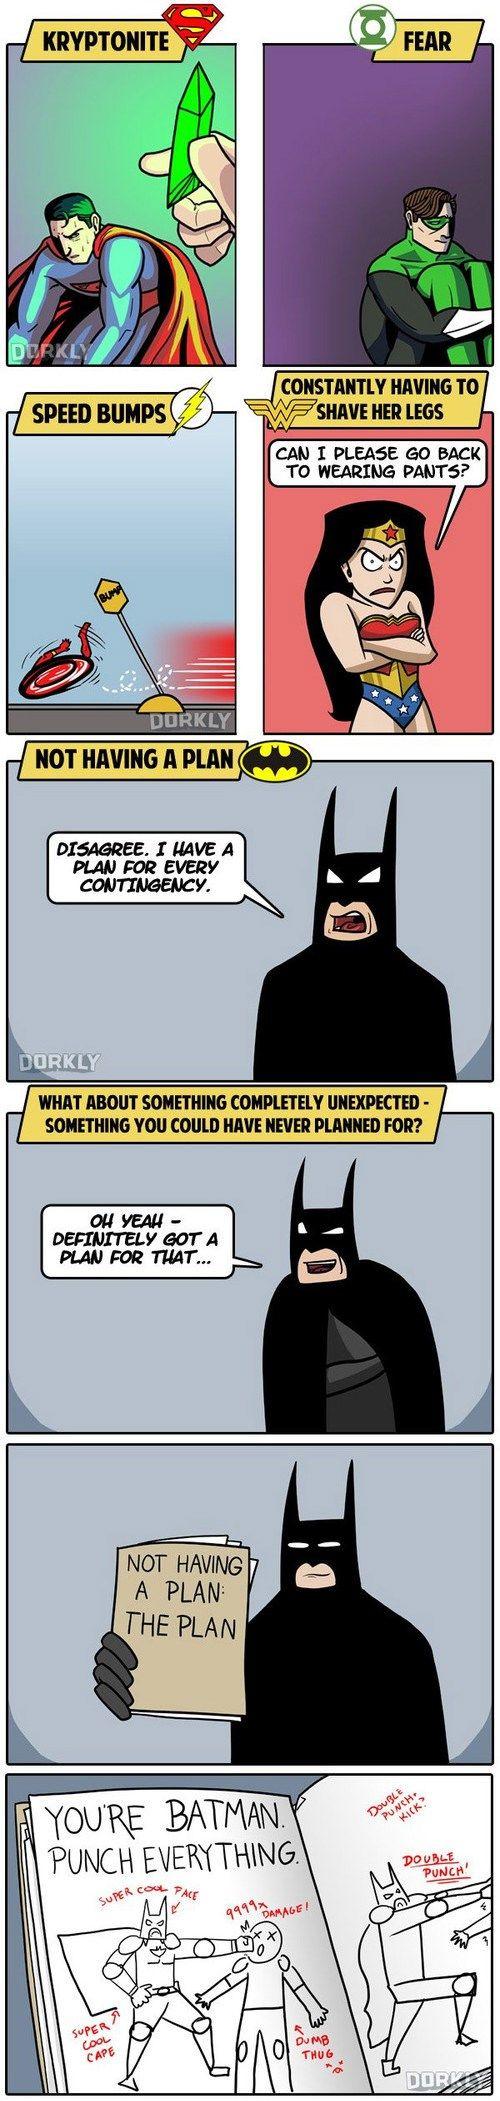 Even Batman Has a Weakness